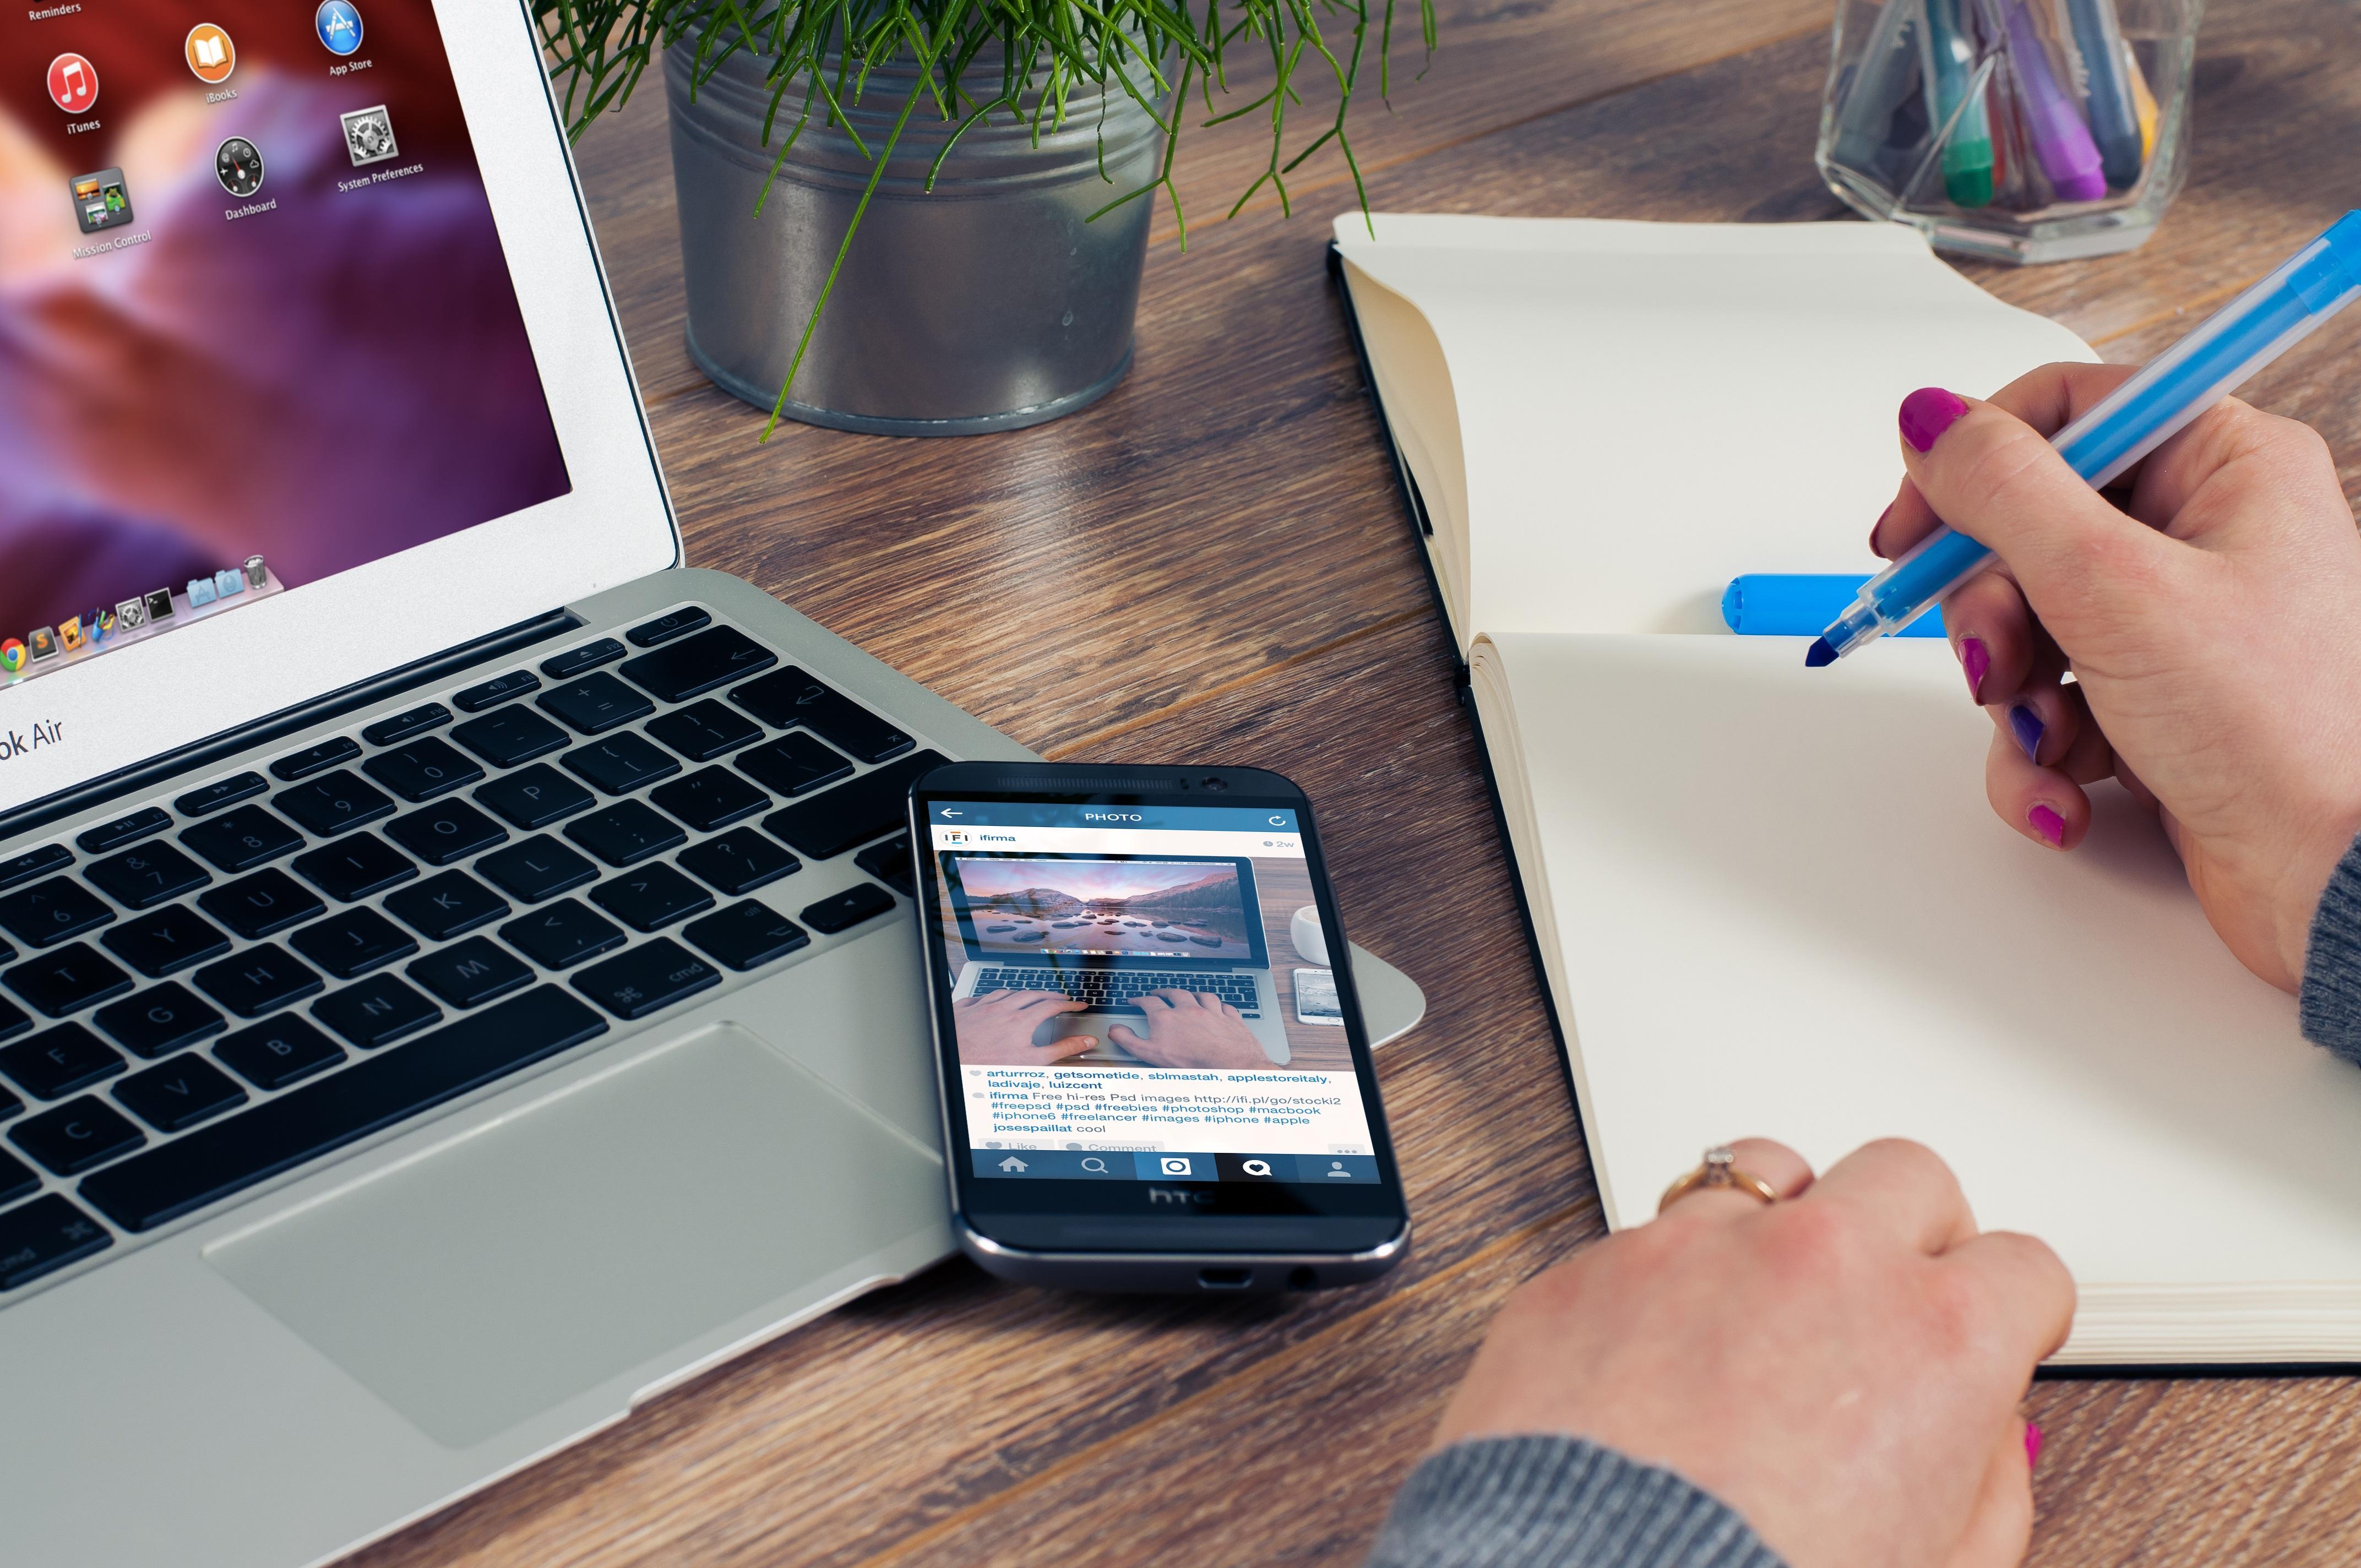 ¿Cómo saber si un programa en línea es de calidad? - Featured Image